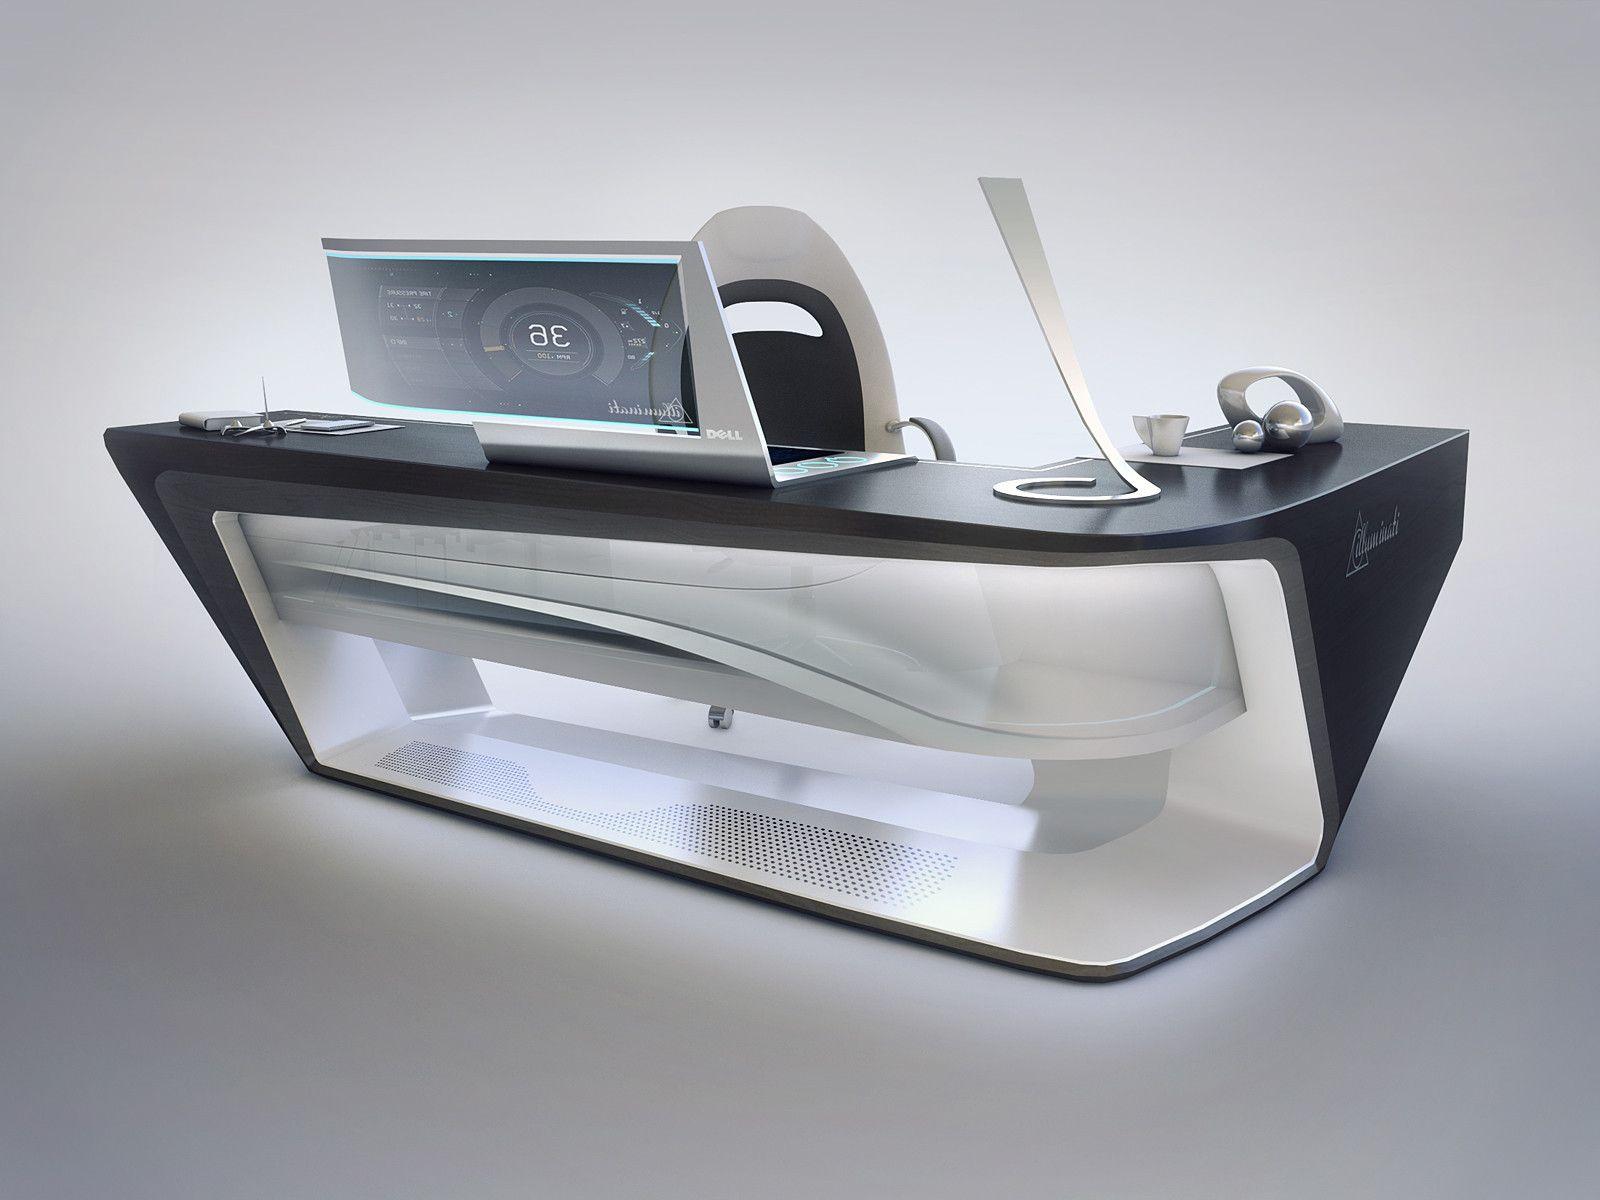 ArtStation - Modern desk design, Encho Enchev | Office | Pinterest ...